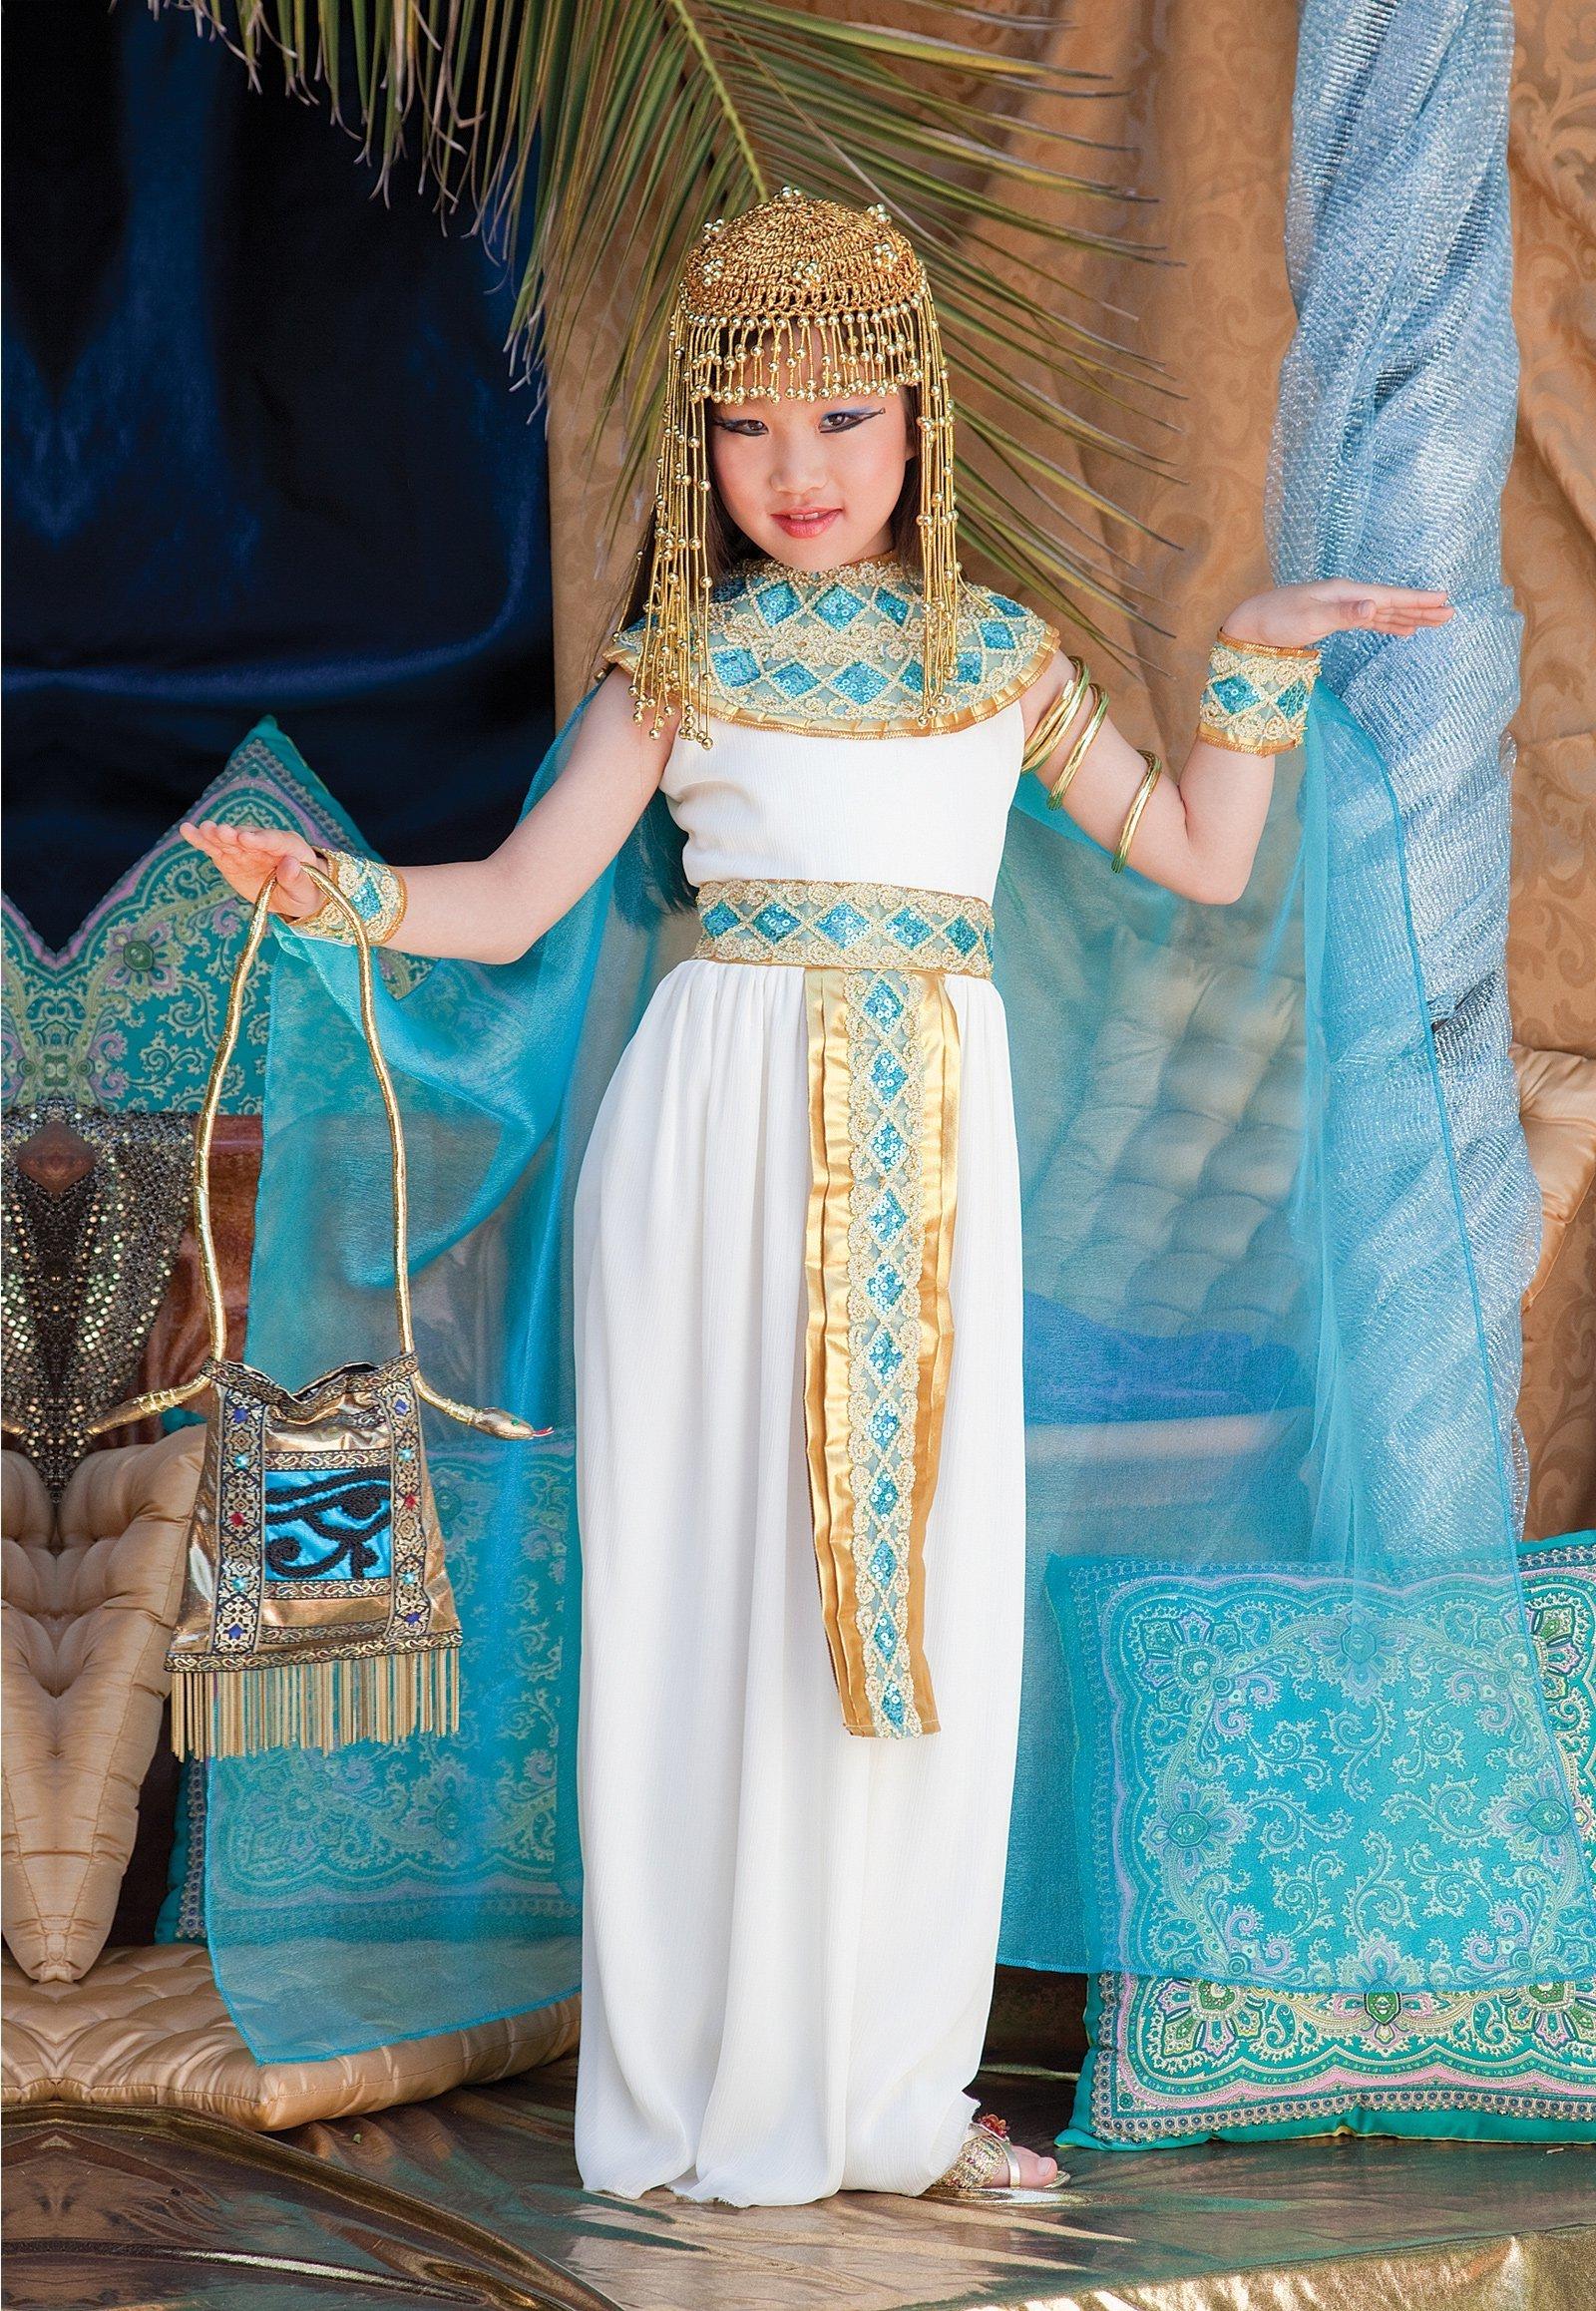 Cleopatra - Kostüm der egyptischen Prinzessin